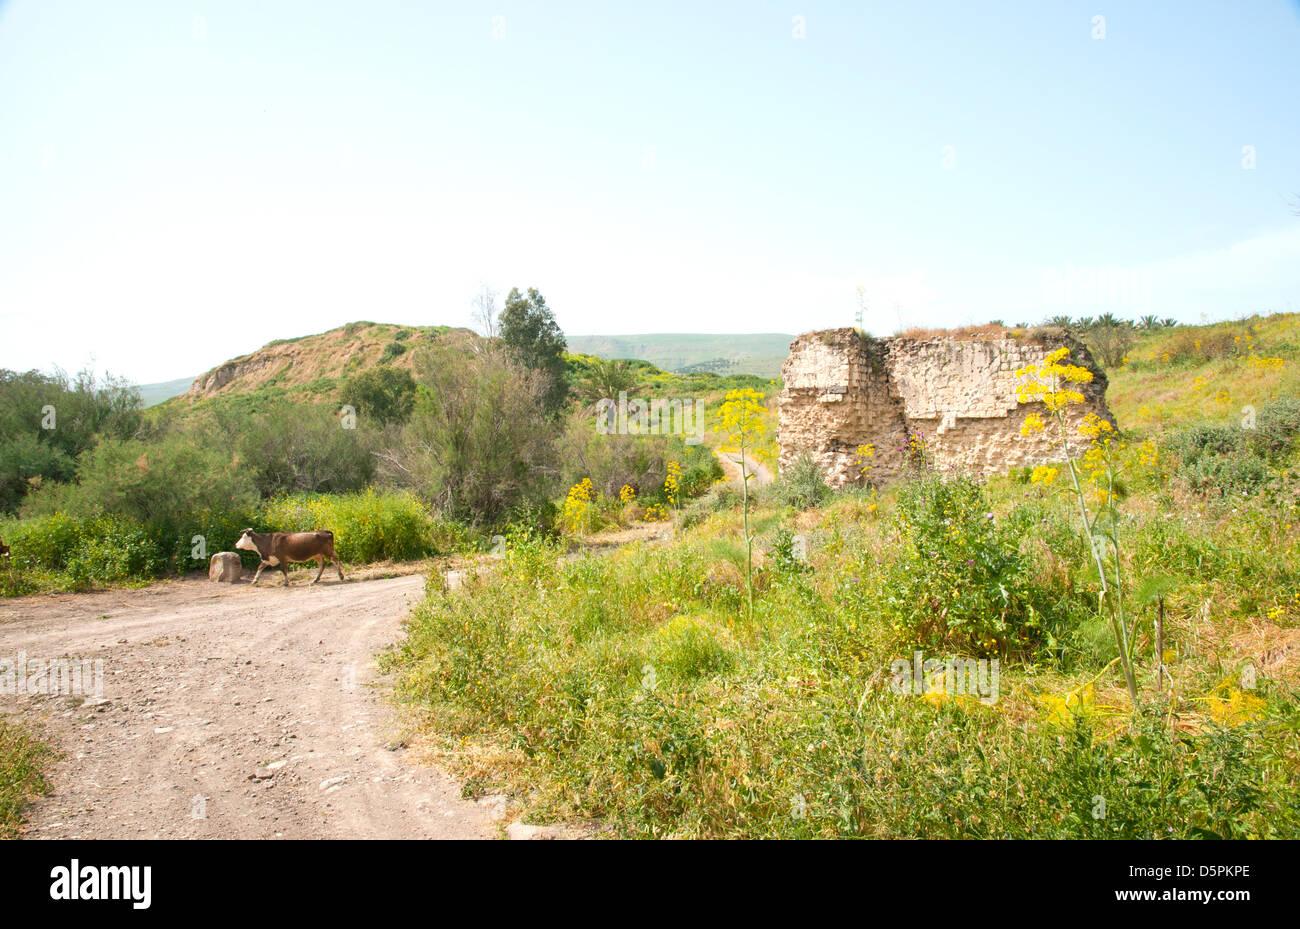 Tel Ubeidiya is located 3 km south of Lake Tiberias - Stock Image